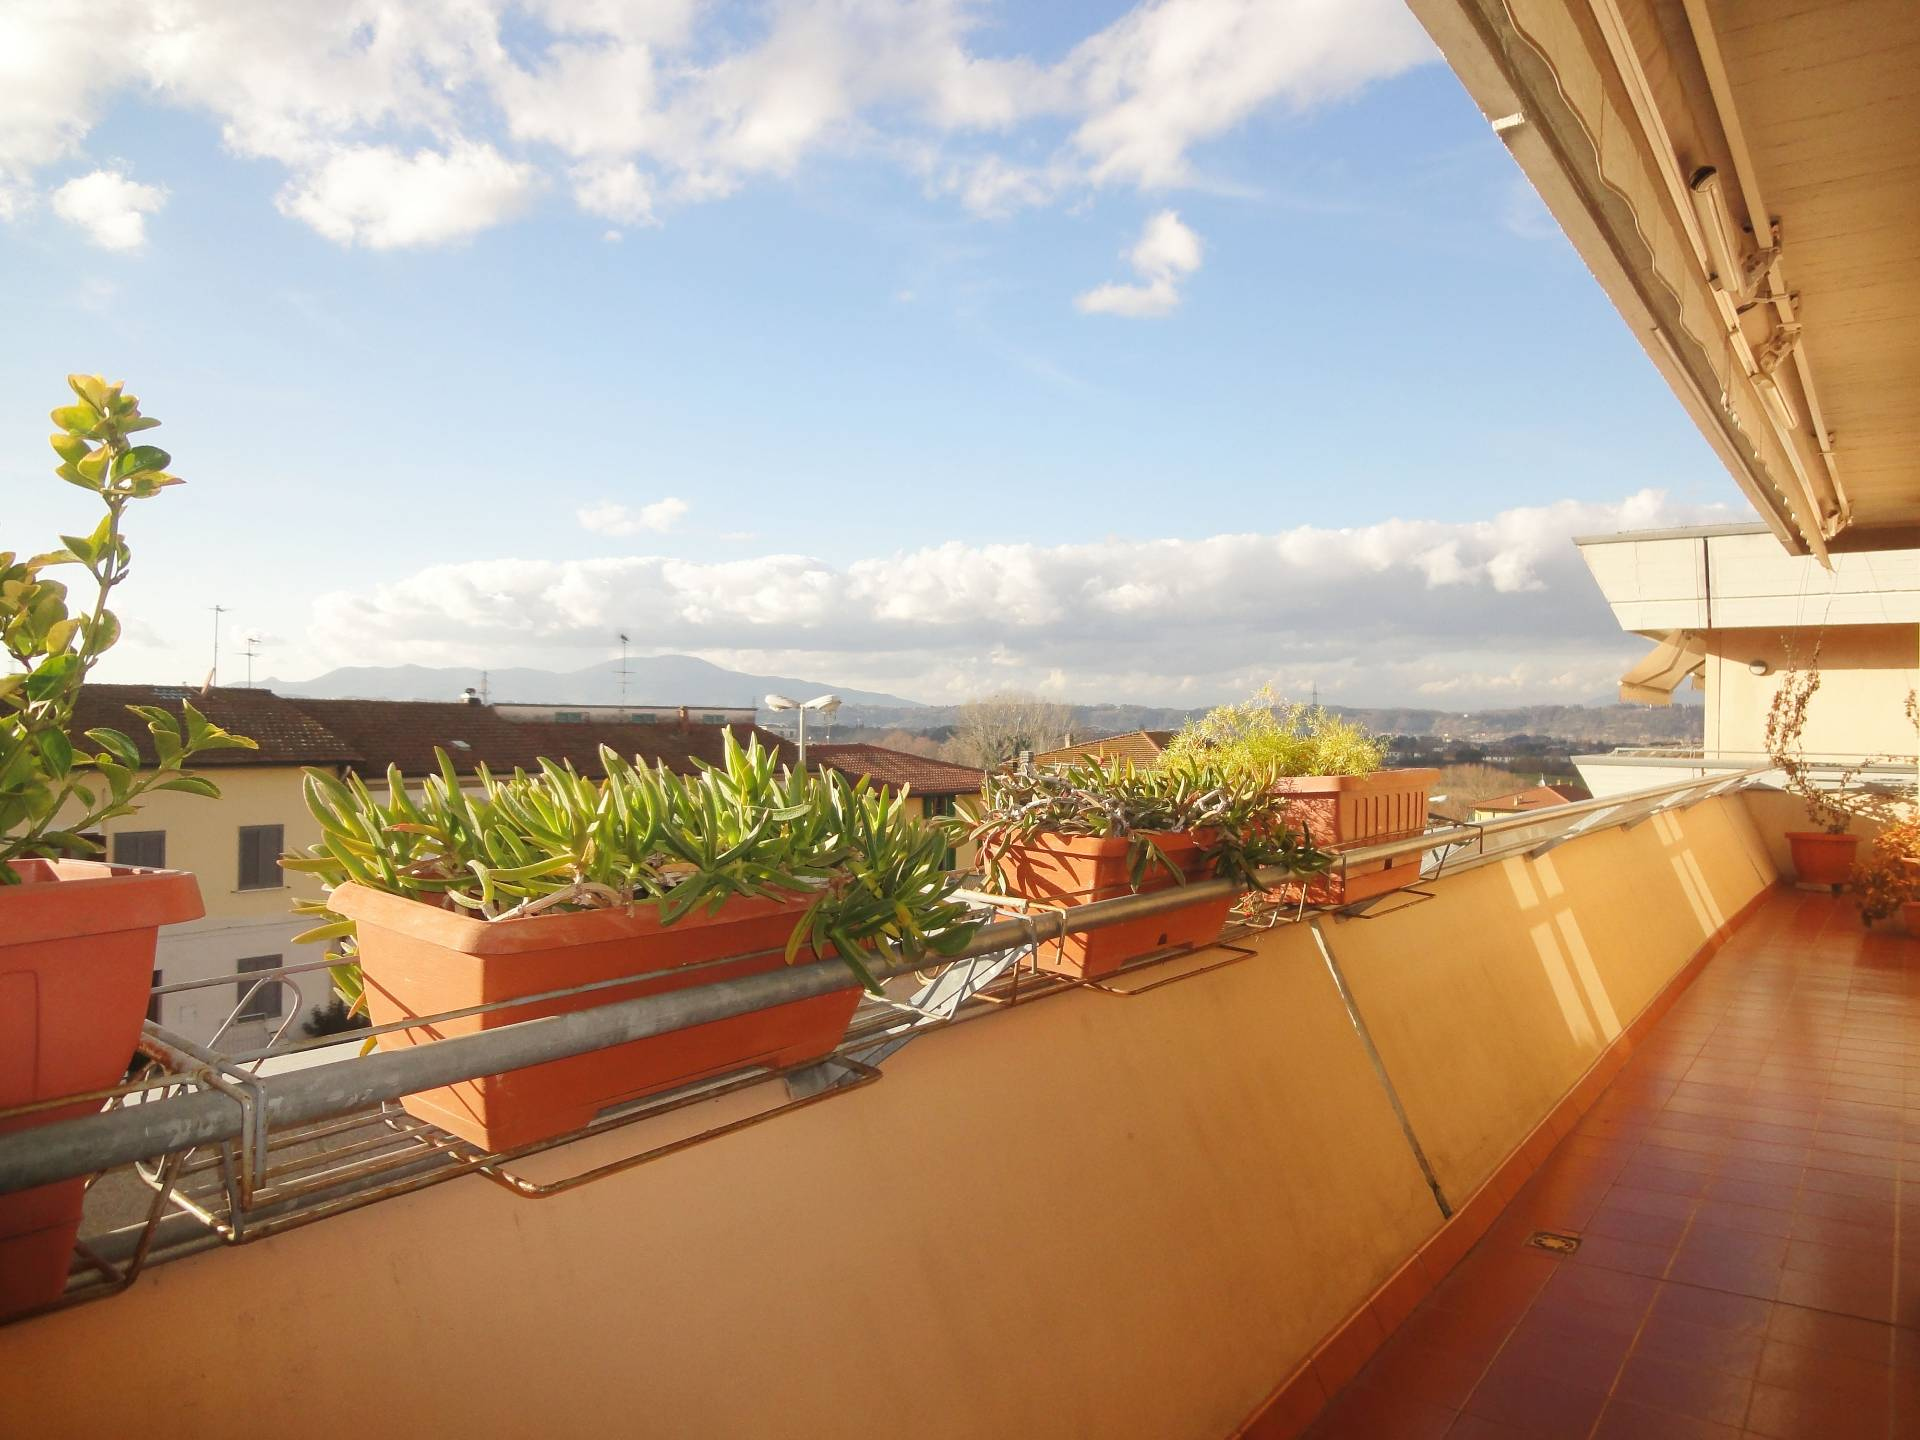 Appartamento in vendita a Montopoli in Val d'Arno, 3 locali, zona Località: SanRomano, prezzo € 120.000 | CambioCasa.it